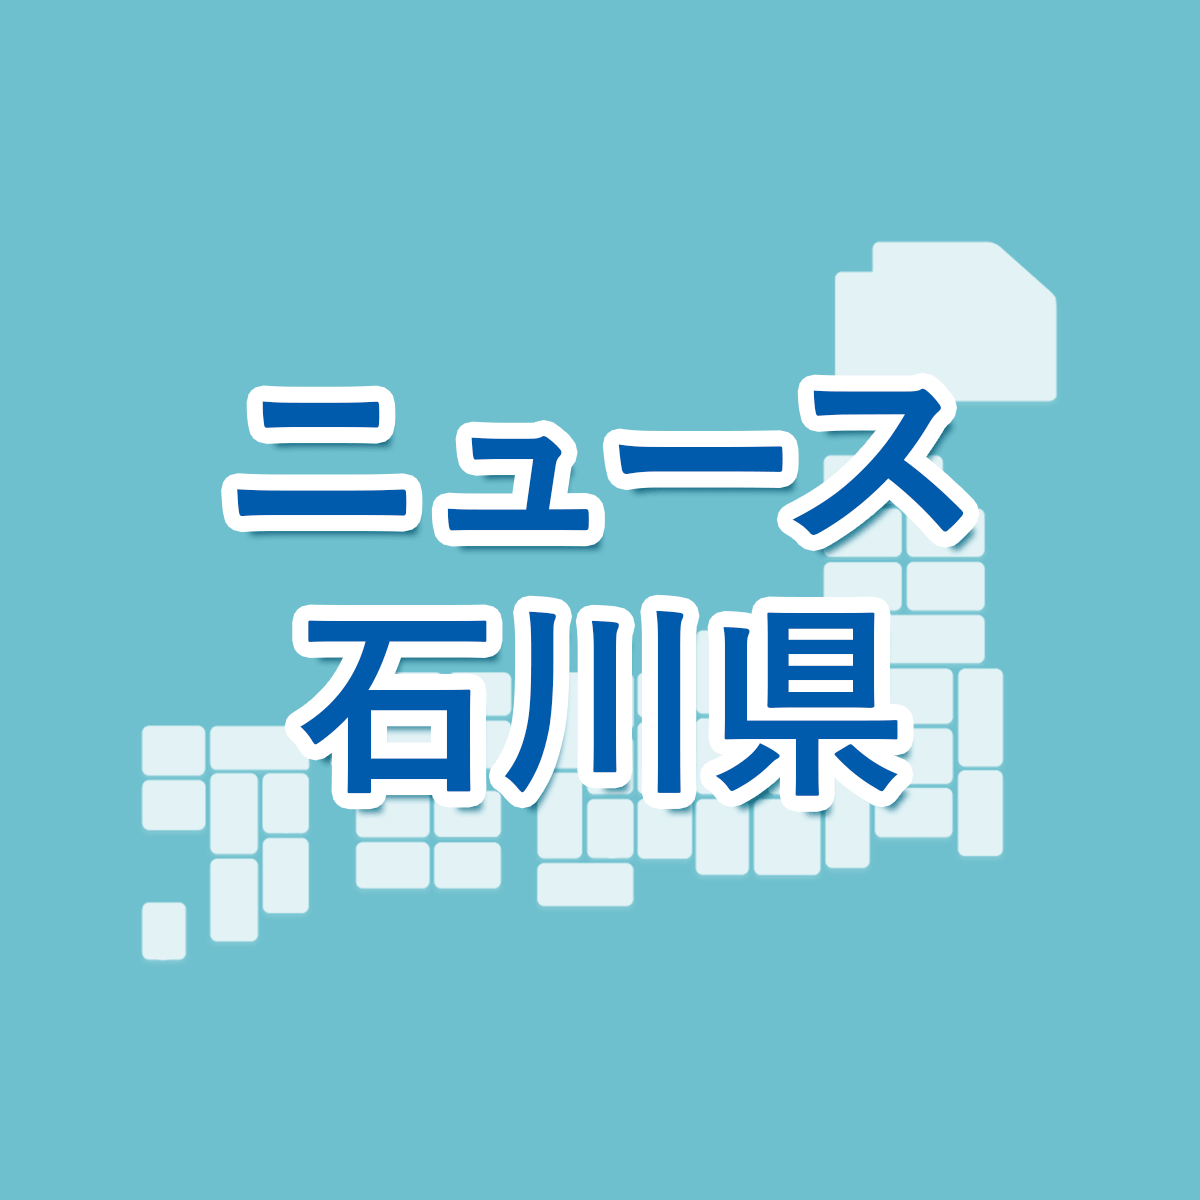 倍率 石川 県 公立 高校